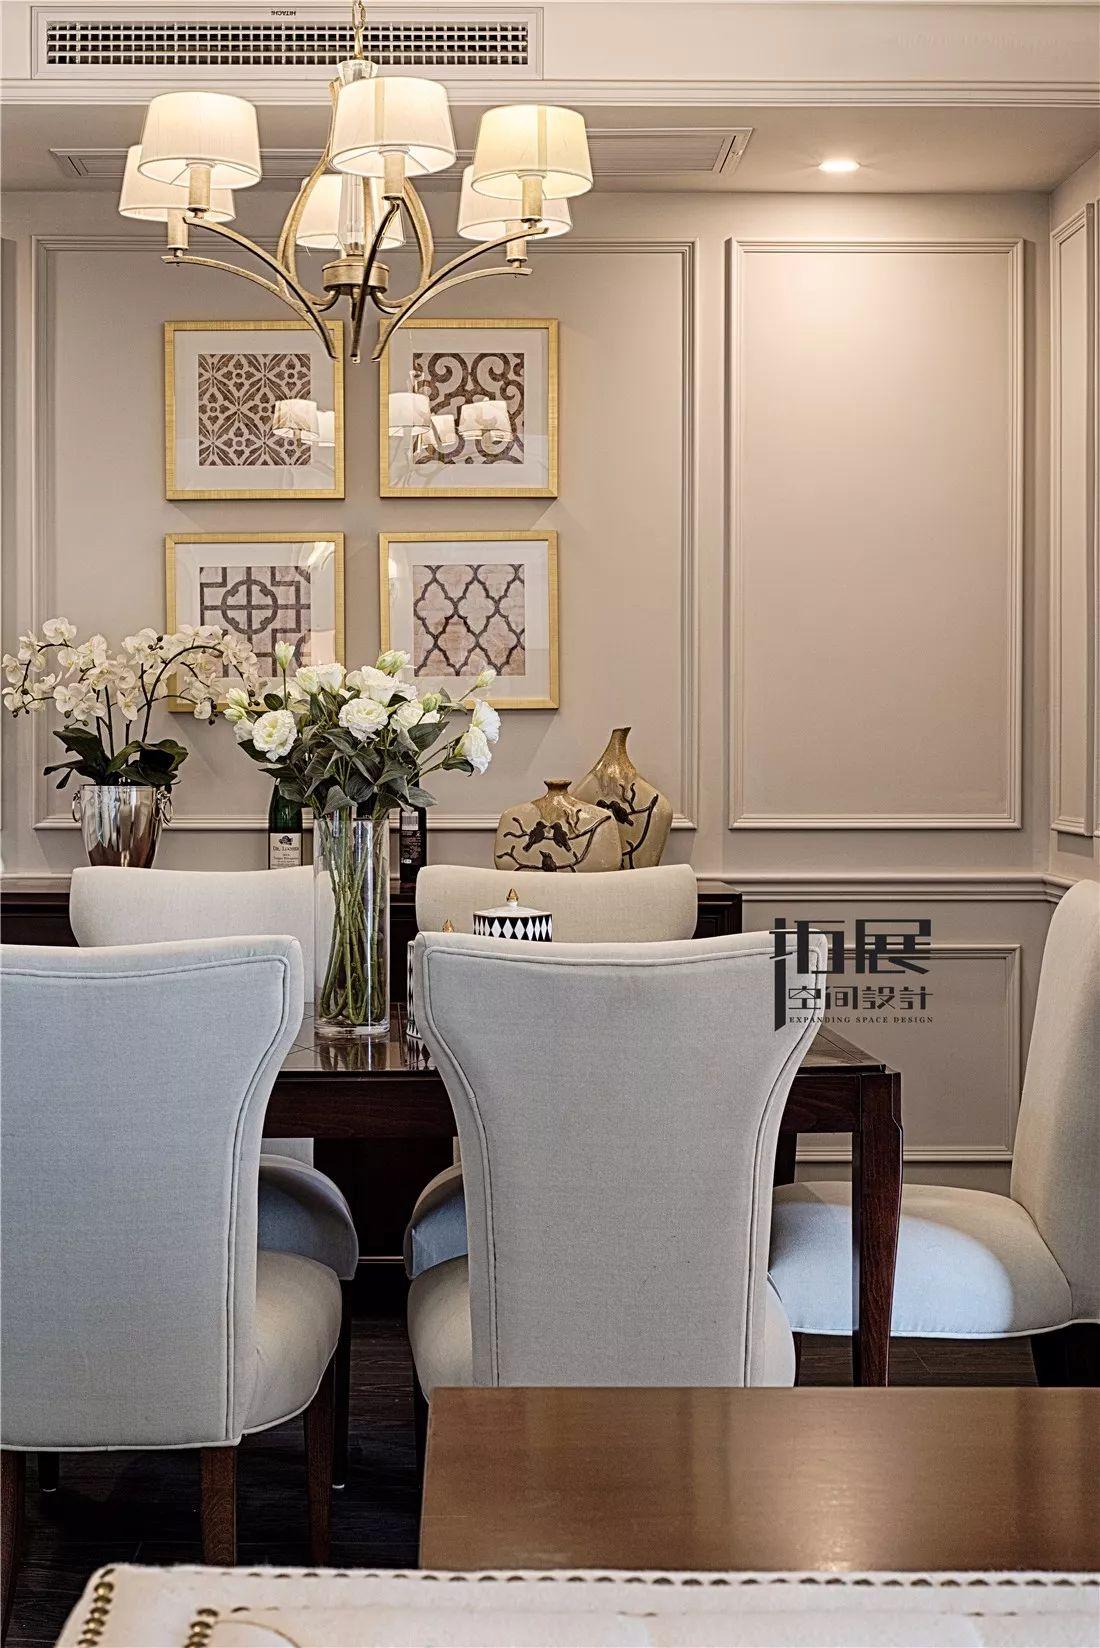 美式新古典风格餐厅背景墙装修效果图